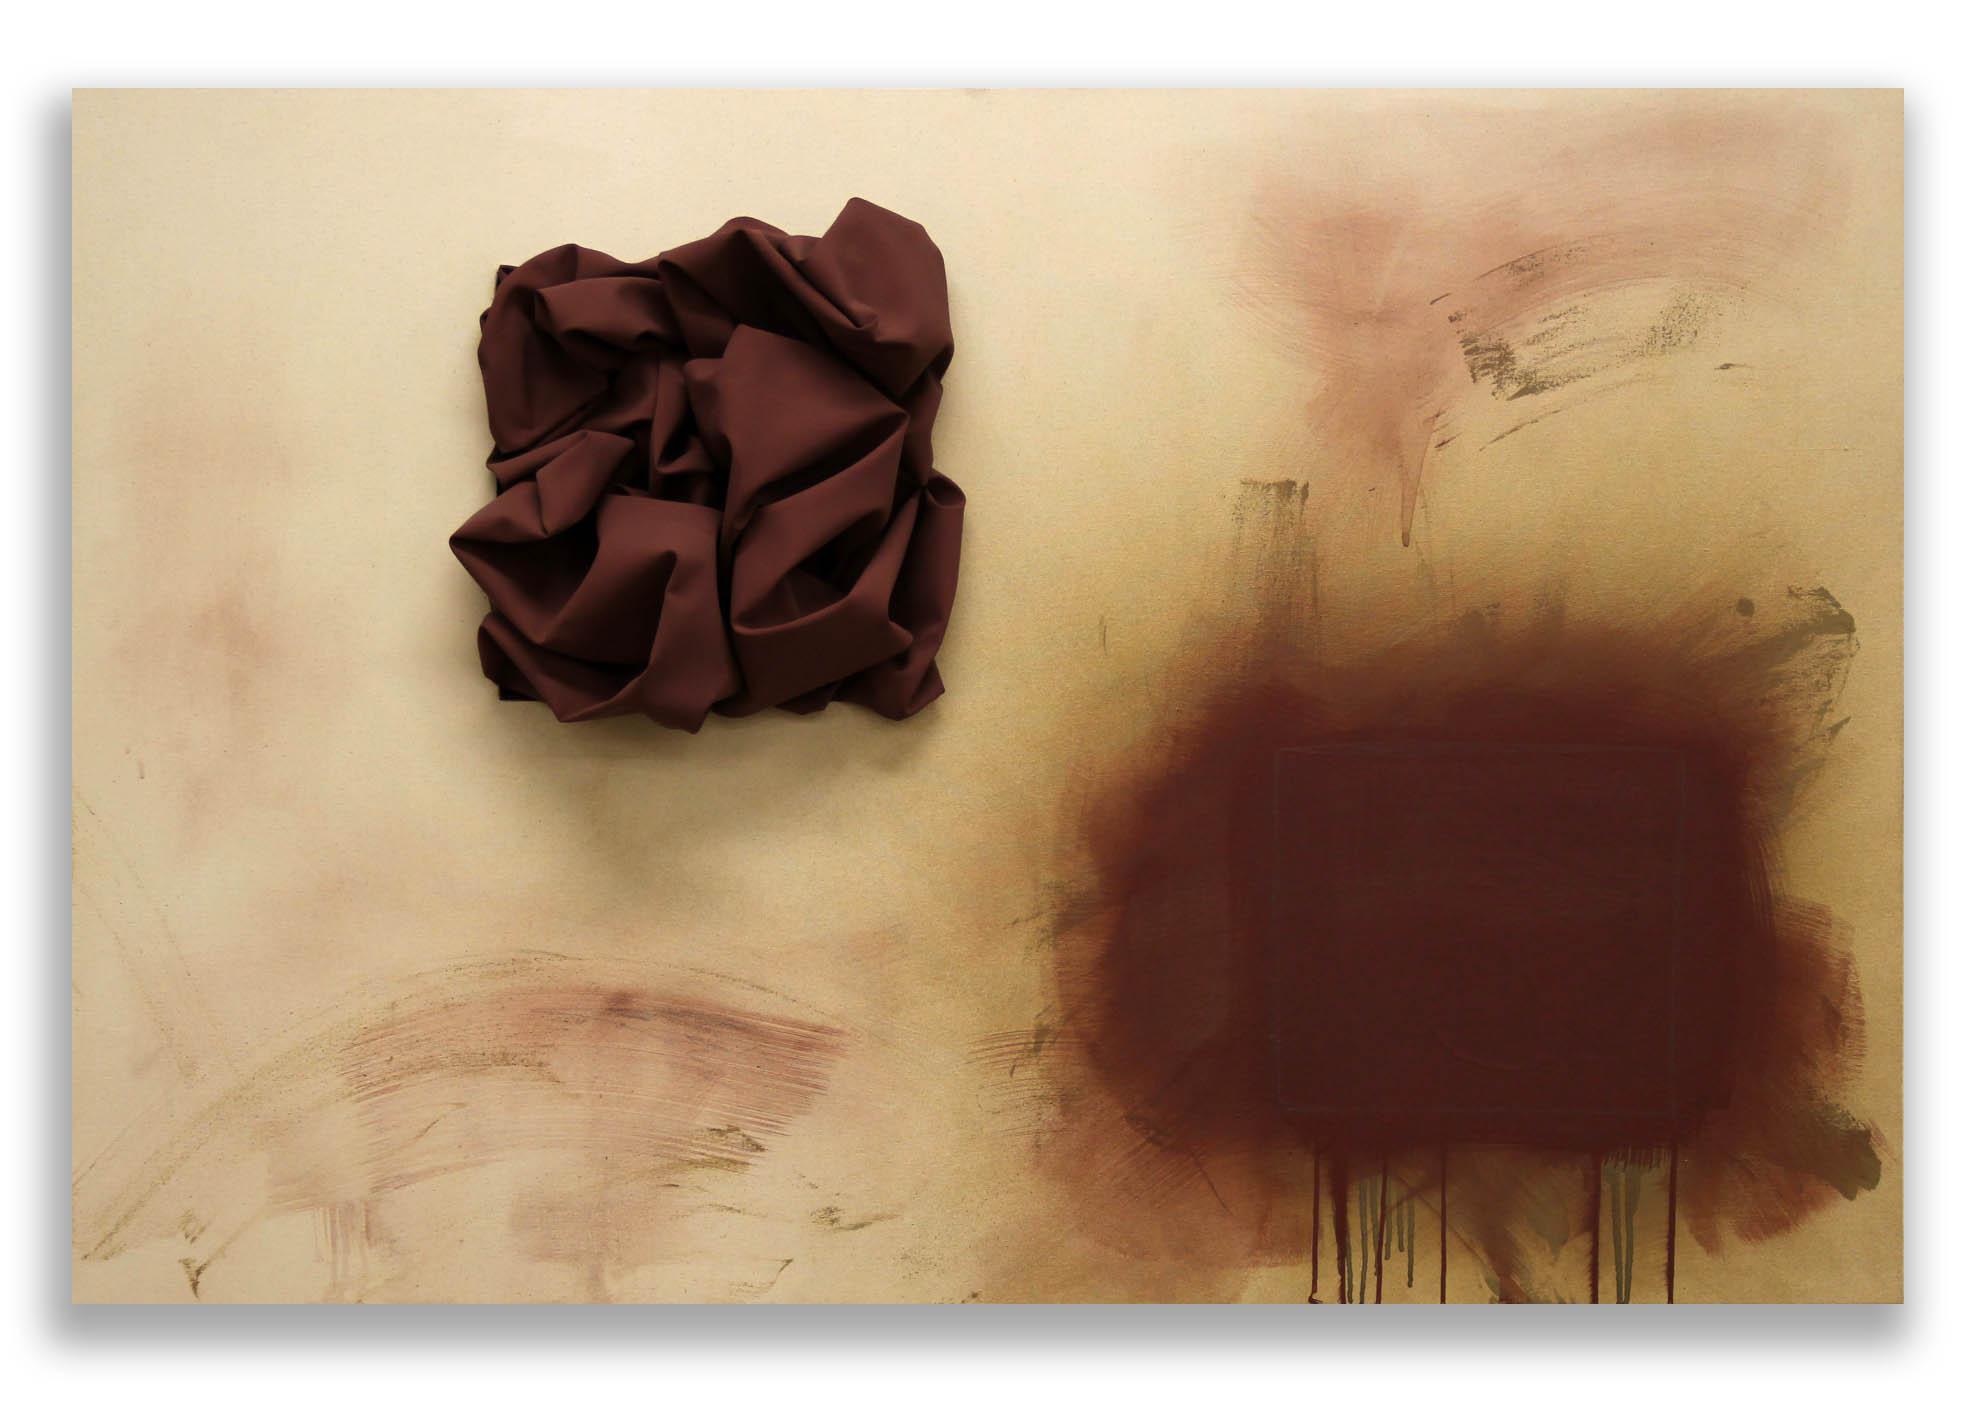 Genesis (Caput Mortuum)  - 2017  Pigmento acrilico, bomboletta spray e grafite su tela di cotone grezza  110 x 150 cm